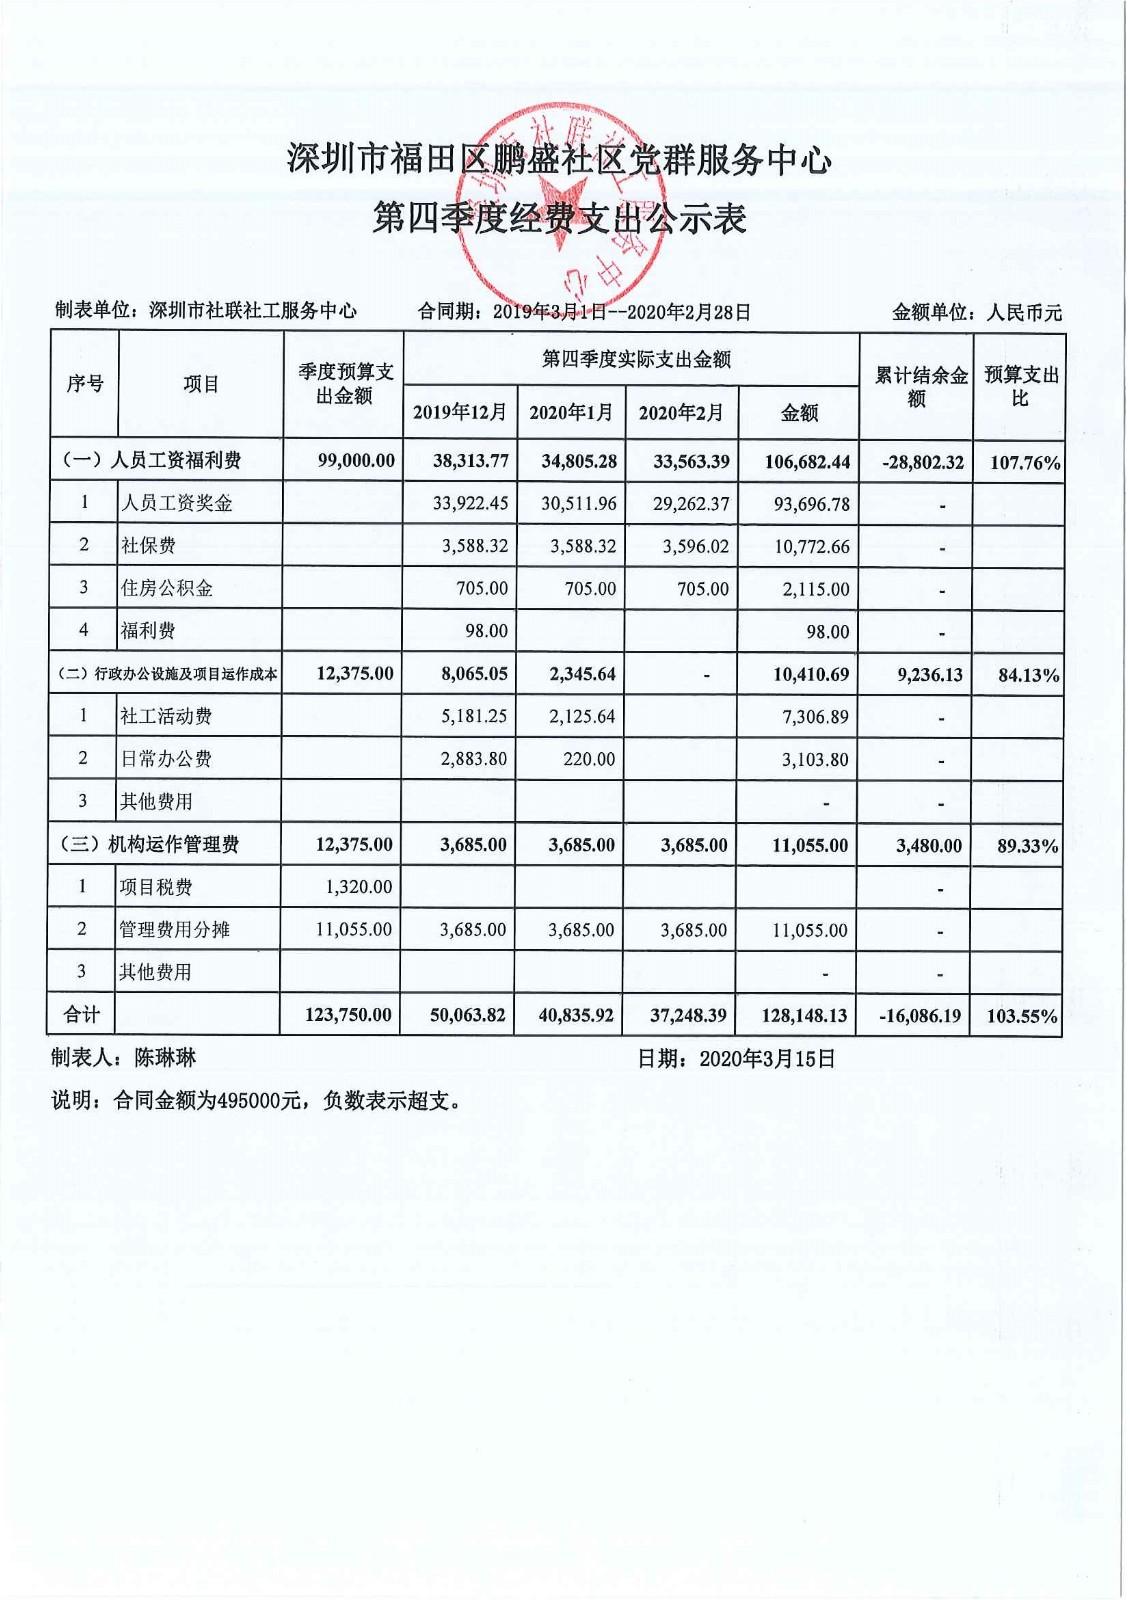 鹏盛社区第四季度经费支出公示表